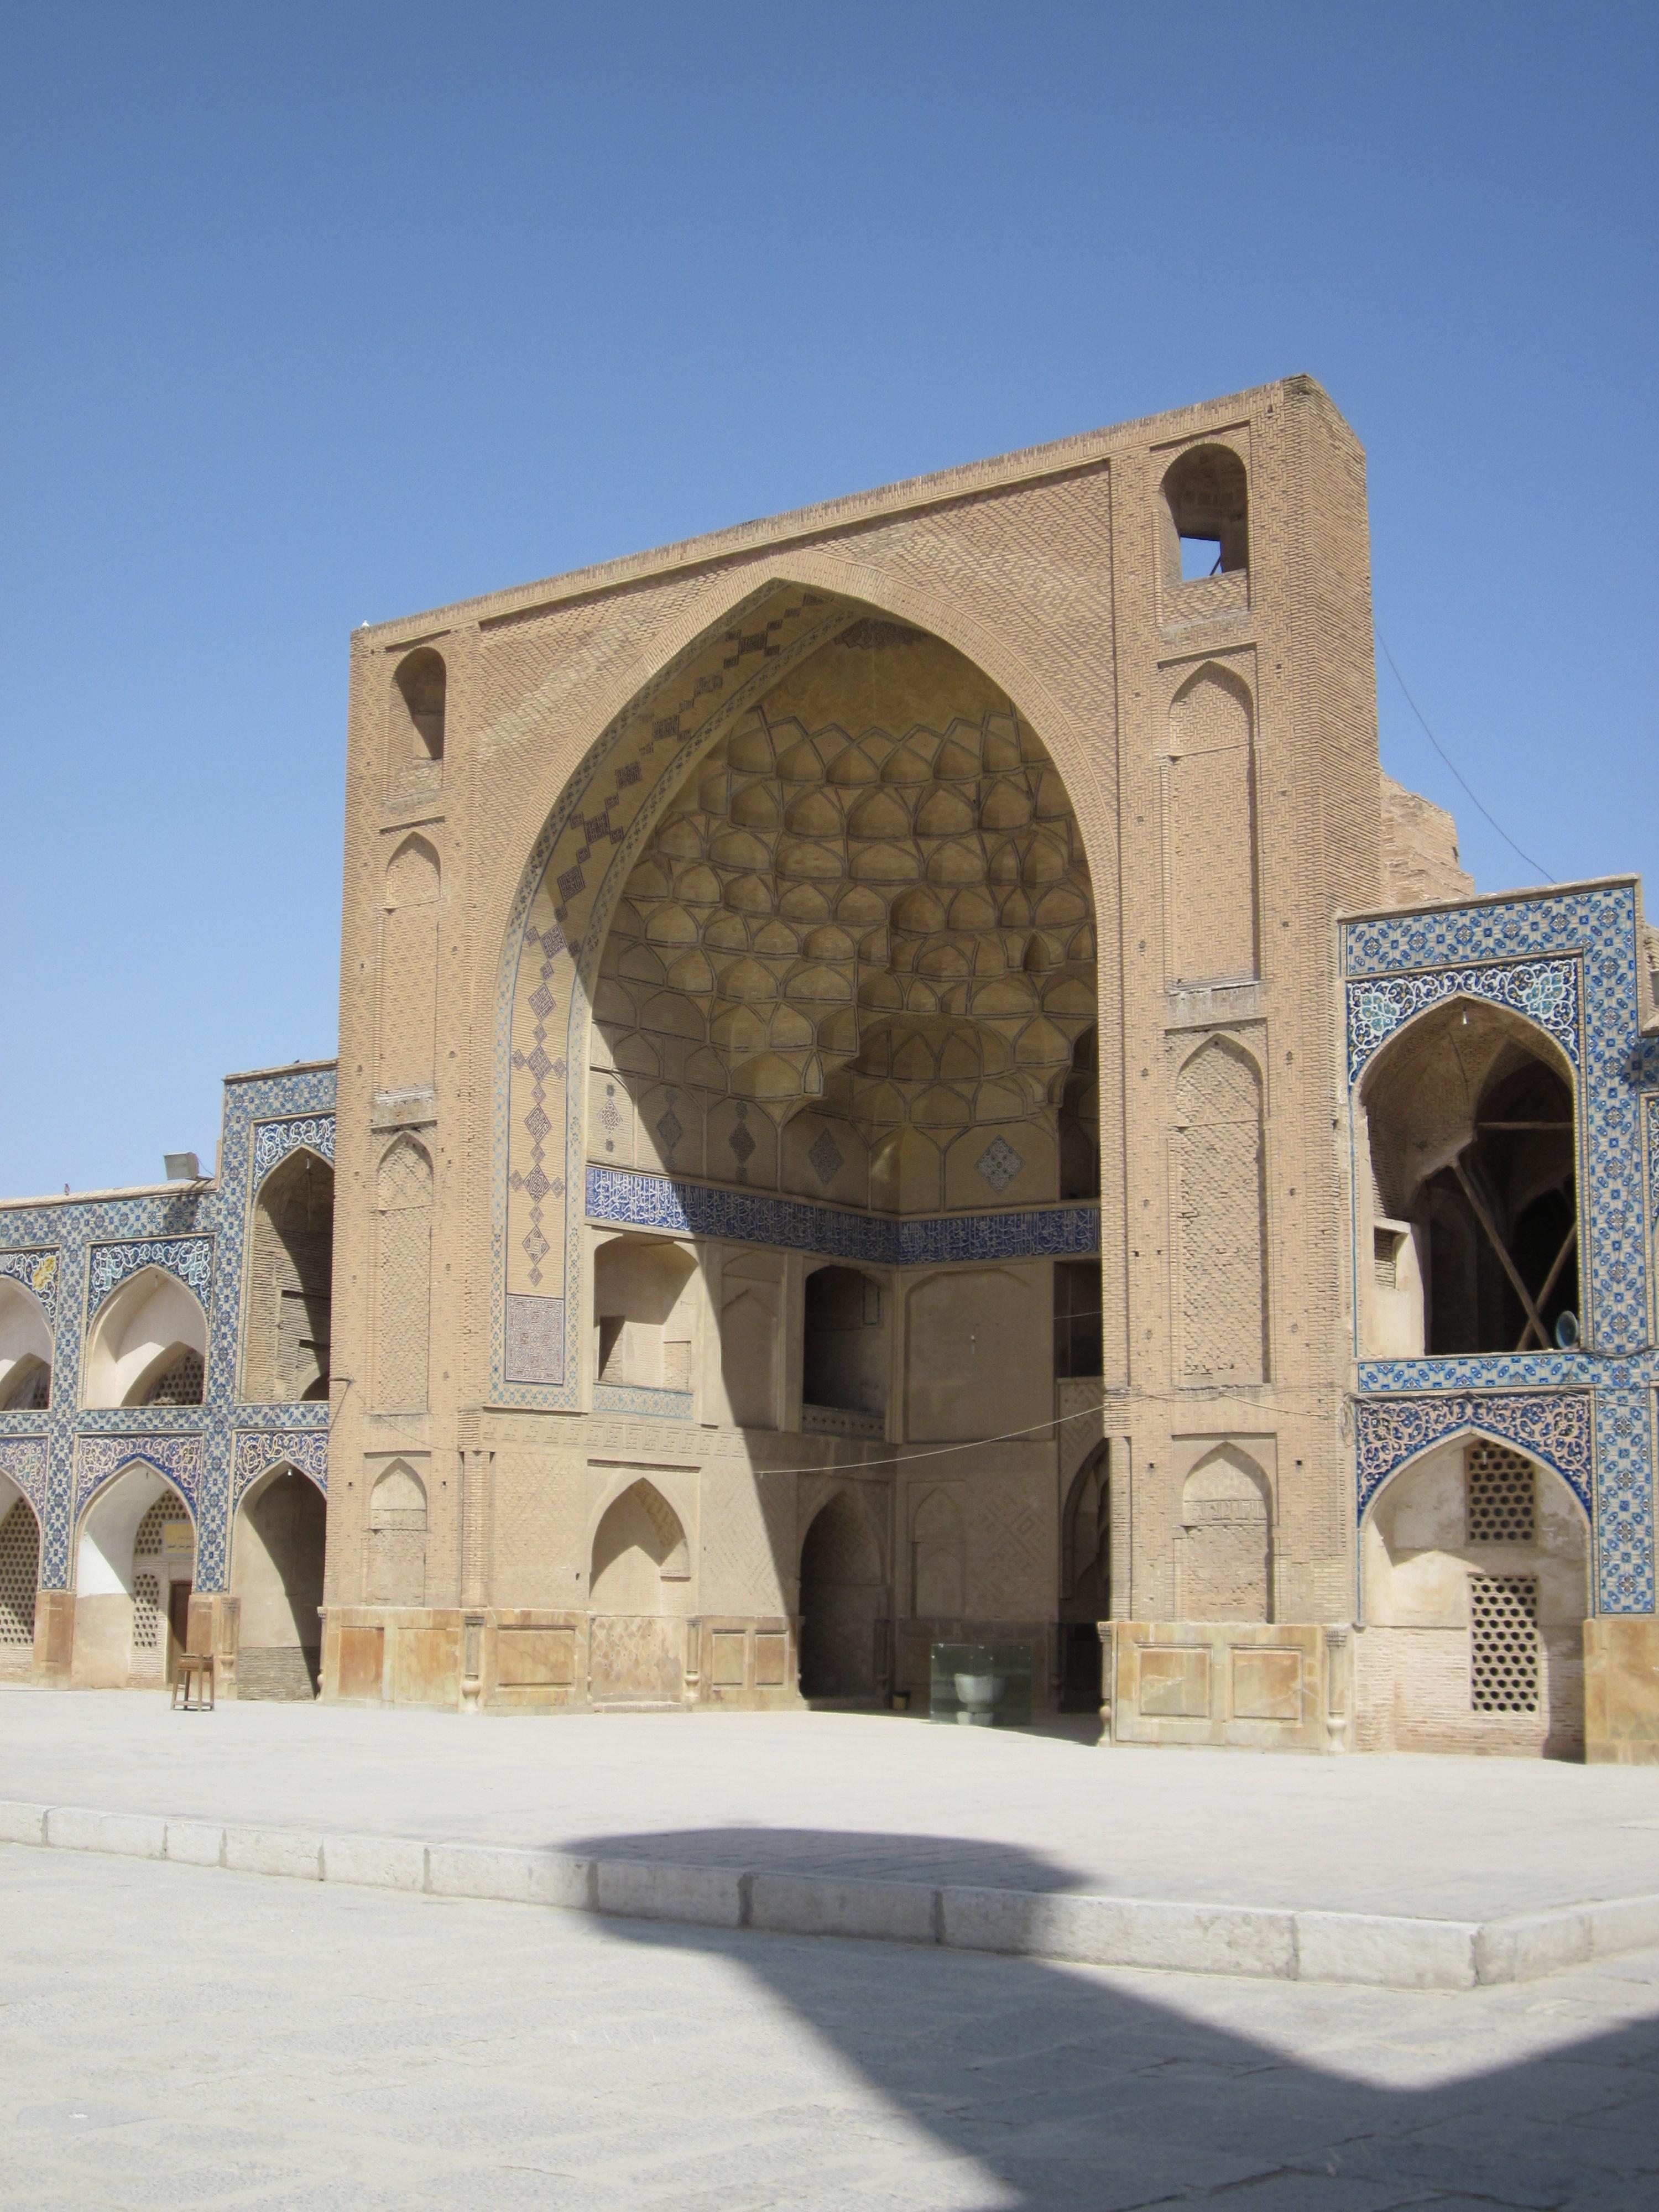 نیازمندیهای یاقوت اصفهان File:۳ (مسجد جامع (اصفهان.jpg - Wikimedia Commons